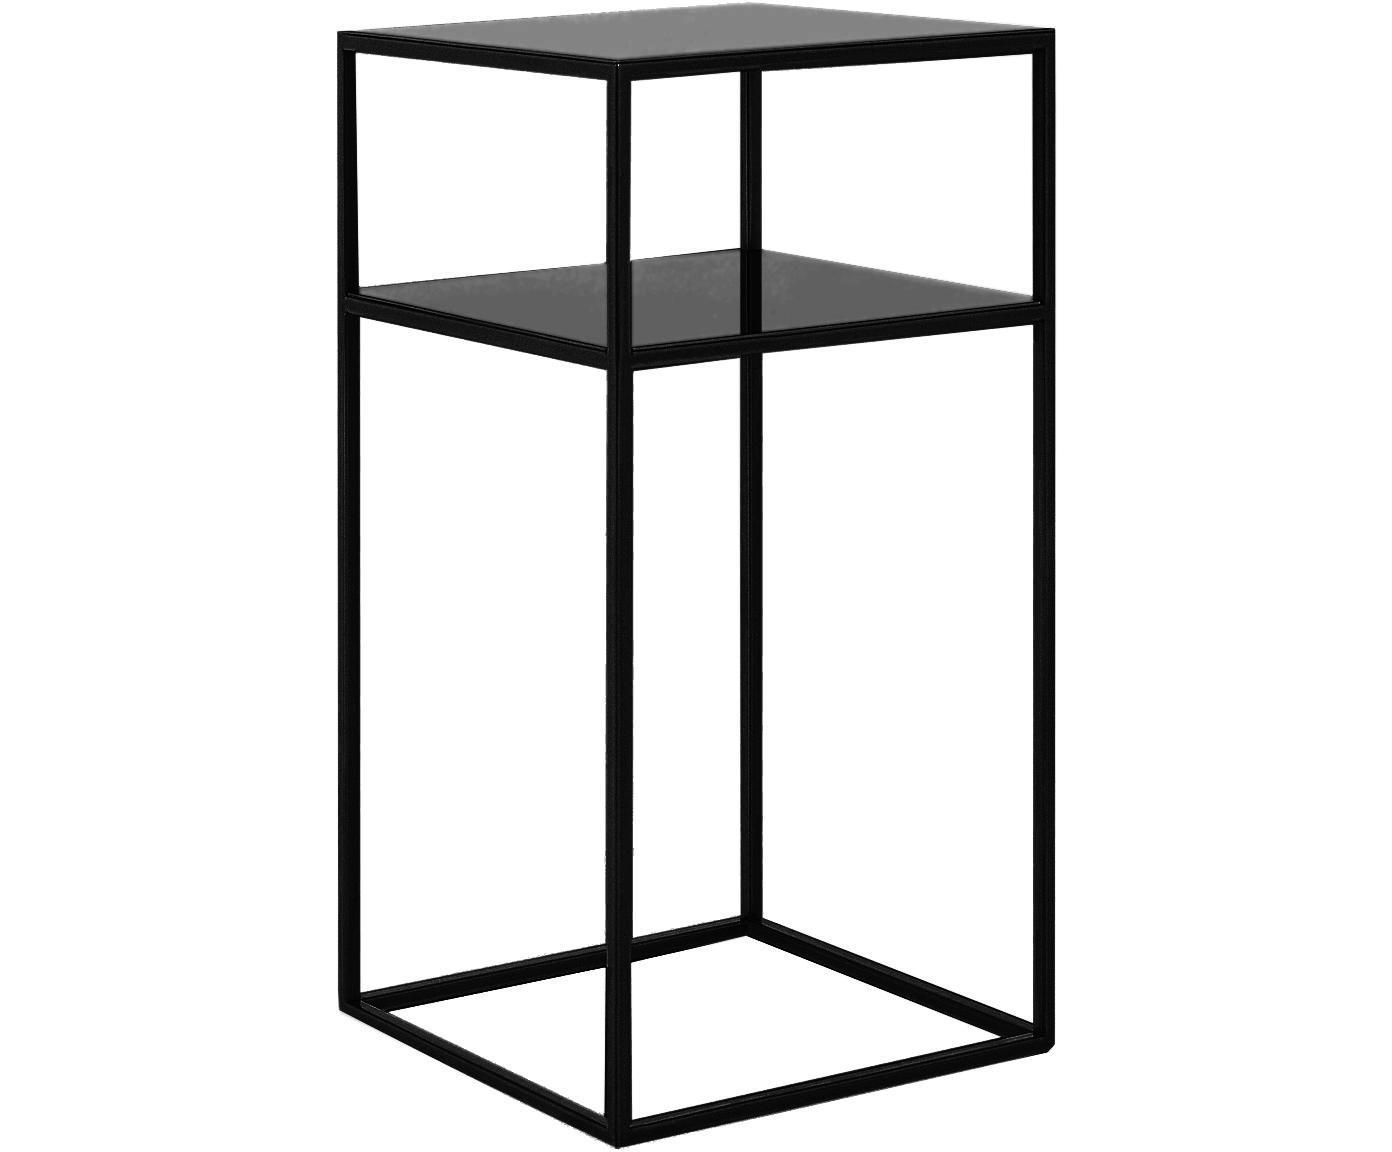 Metall-Beistelltisch Tensio Oli in Schwarz, Metall, pulverbeschichtet, Schwarz, B 30 x T 30 cm